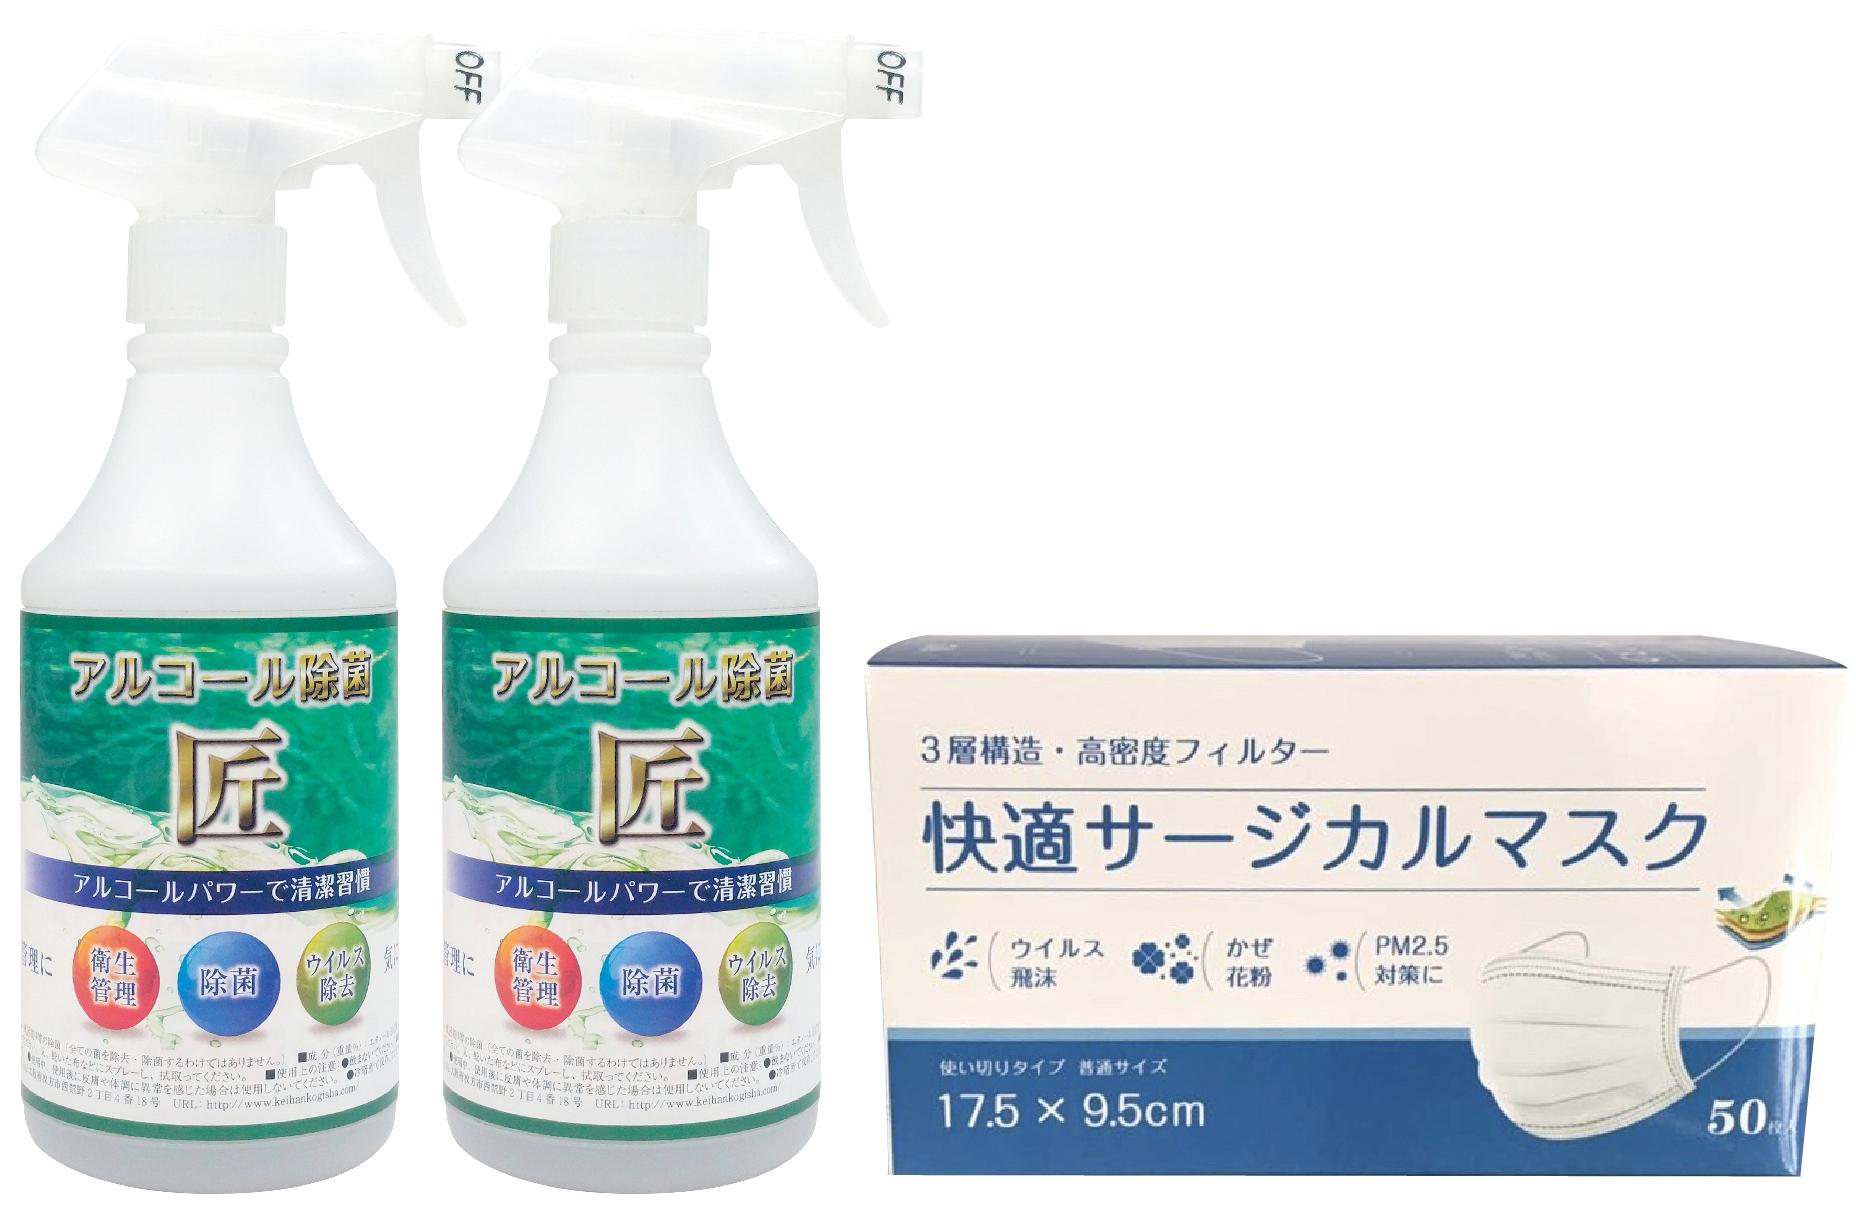 アルコール除菌「匠」500㎖ 2本 + 快適サージカルマスク 1箱